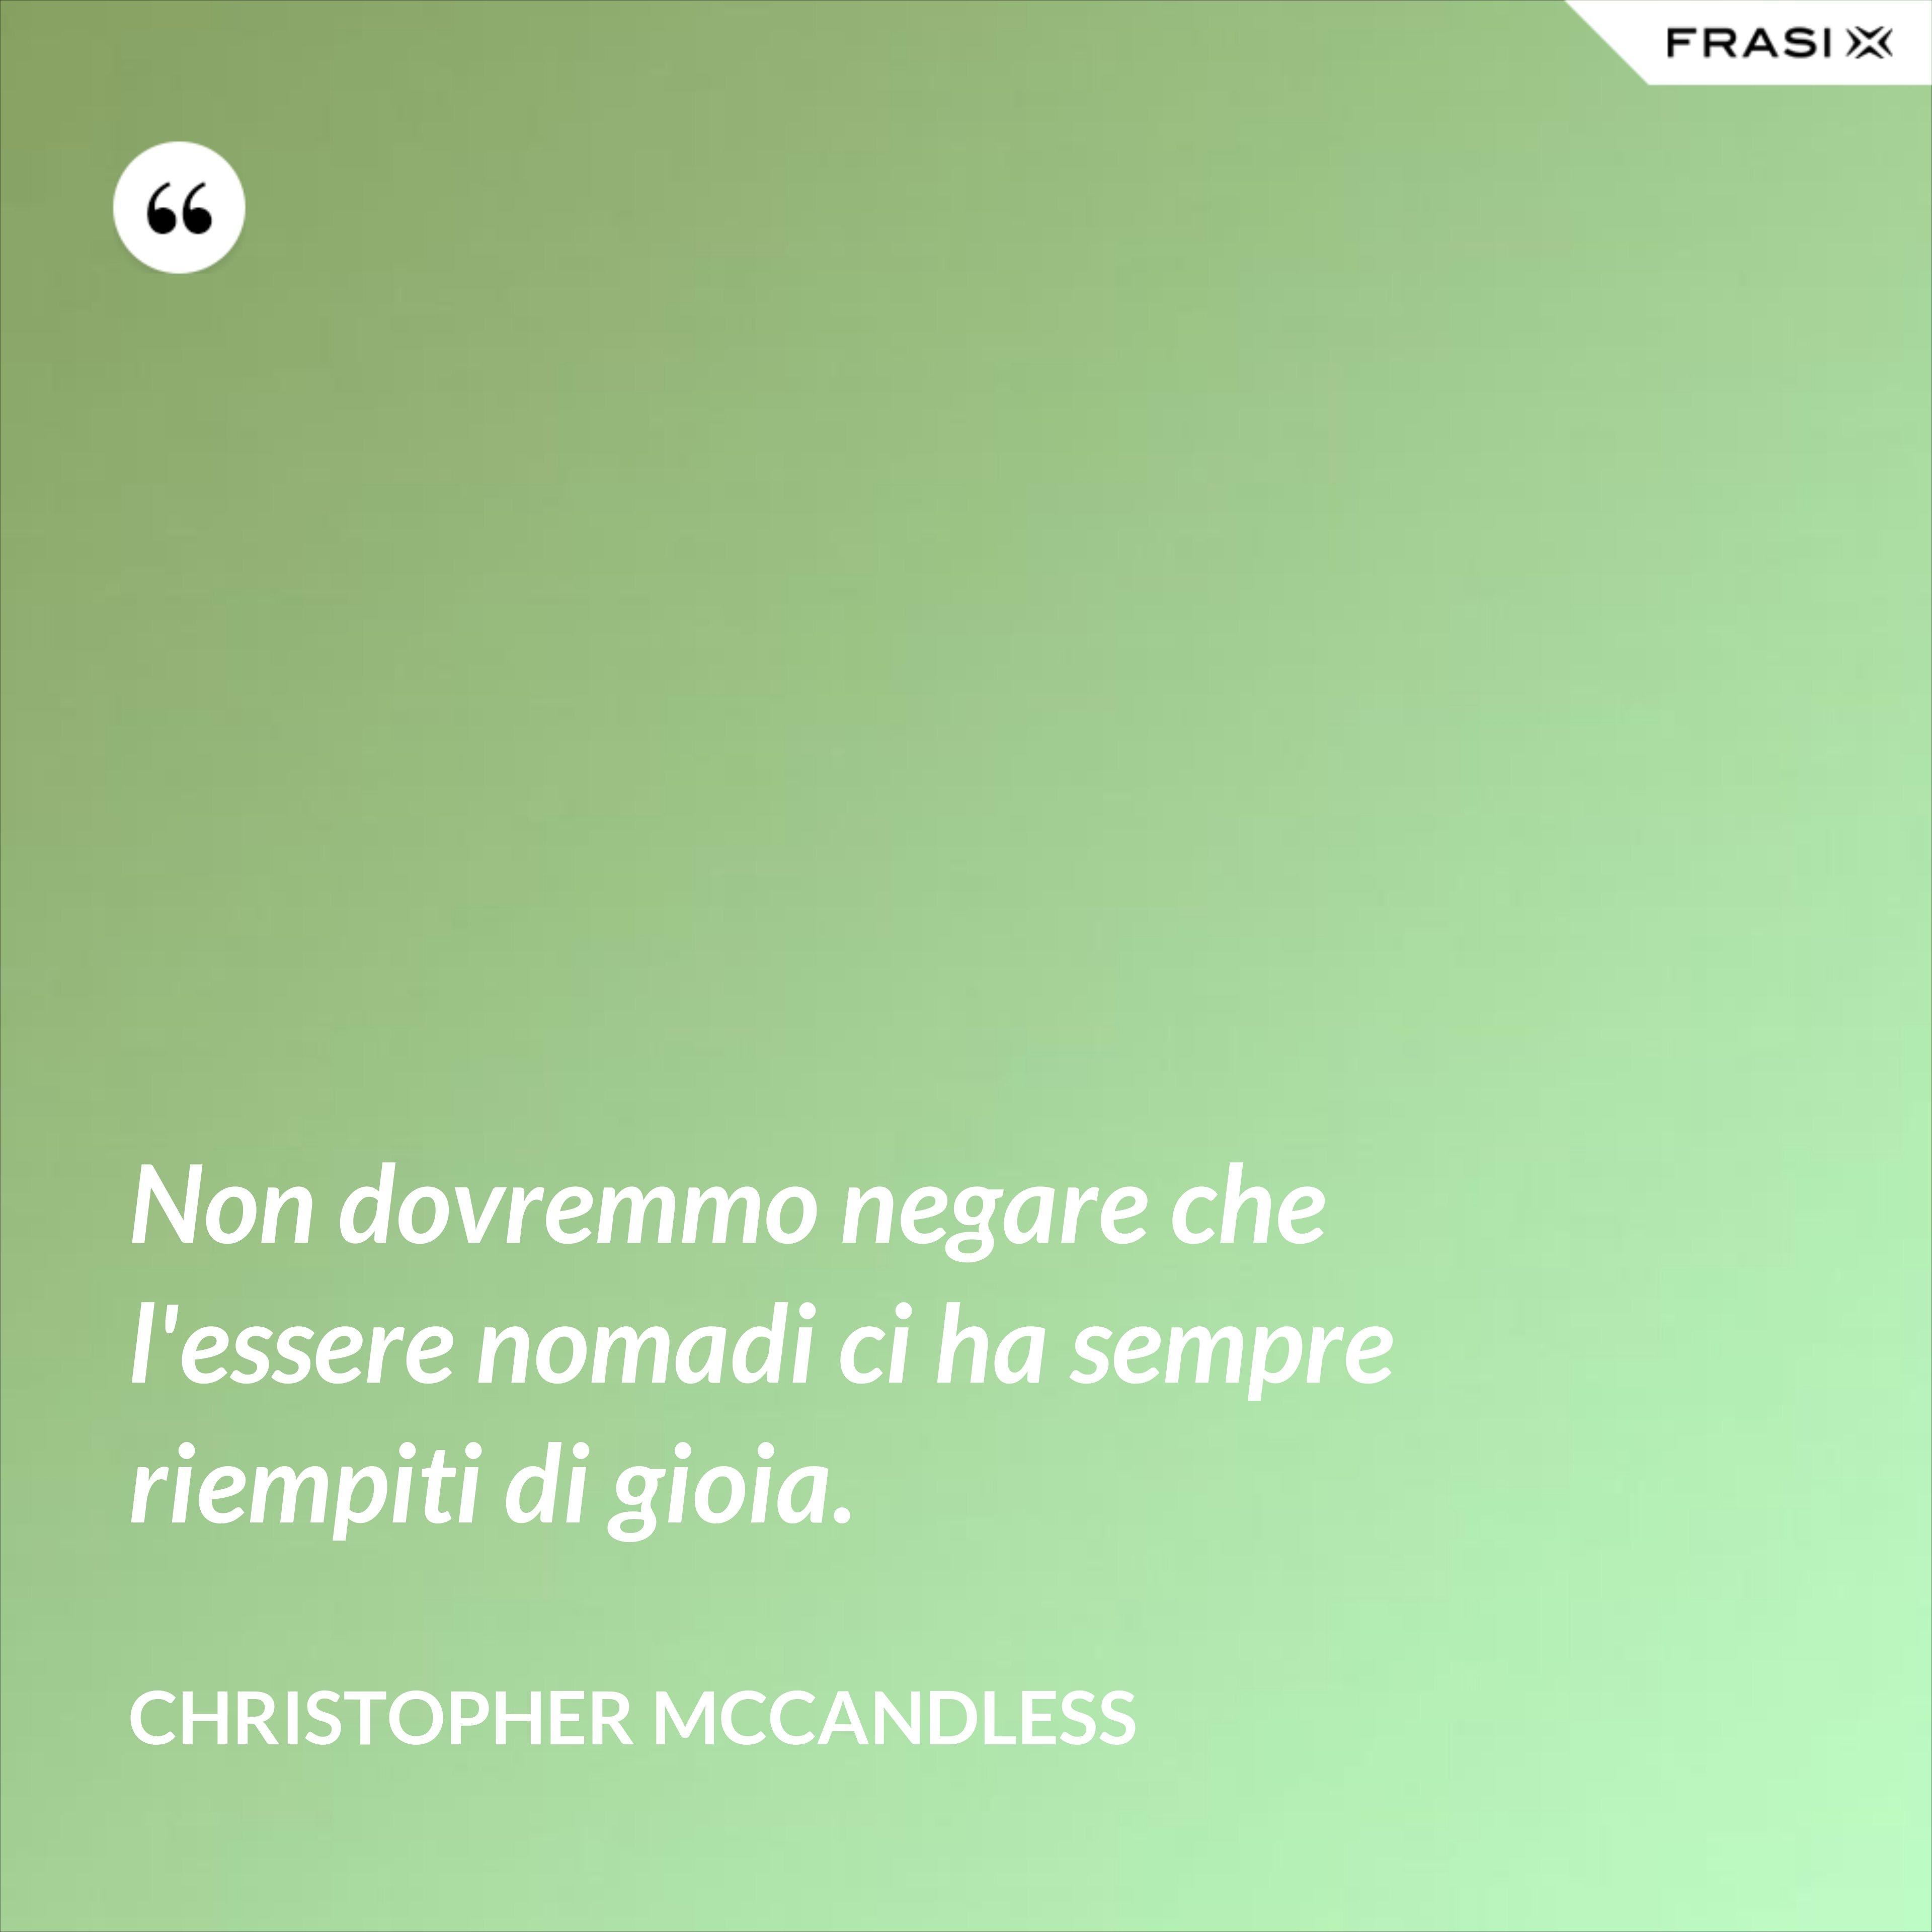 Non dovremmo negare che l'essere nomadi ci ha sempre riempiti di gioia. - Christopher McCandless